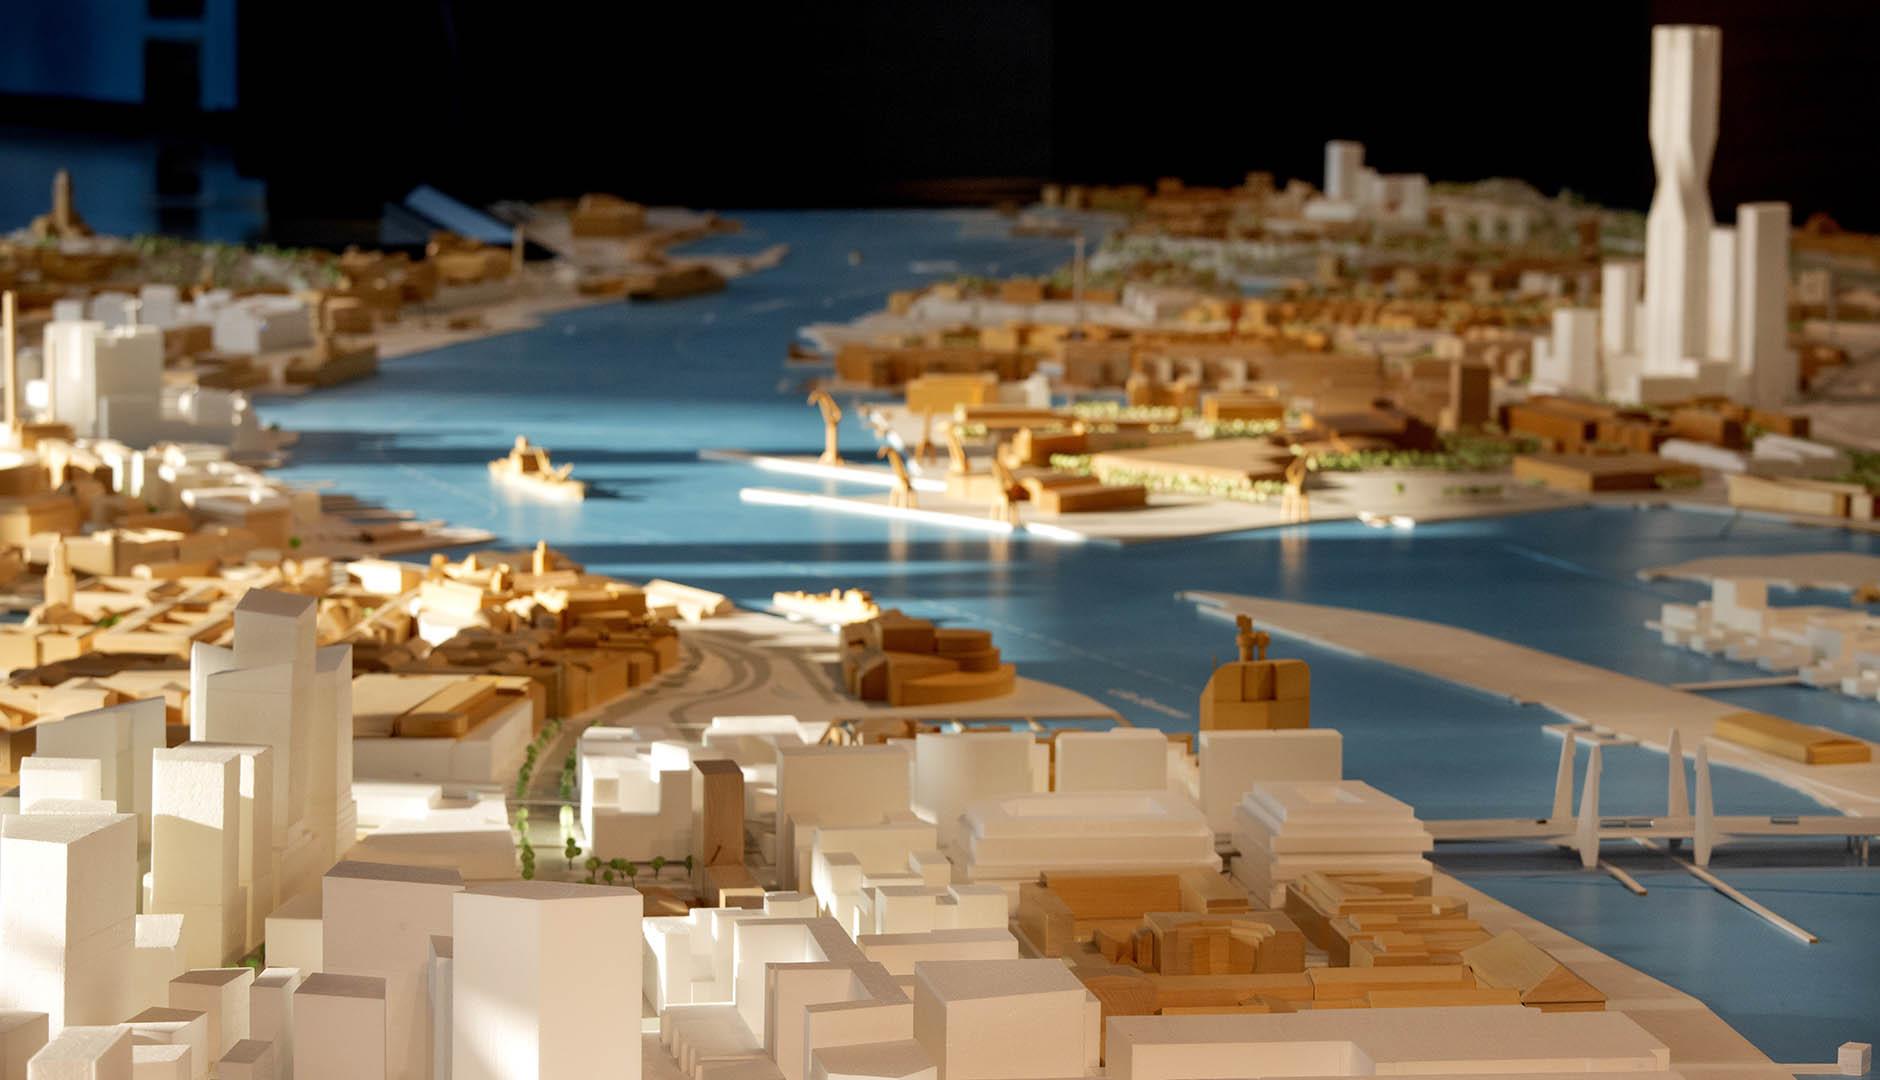 Modell över Göteborg med framtida byggprojekt